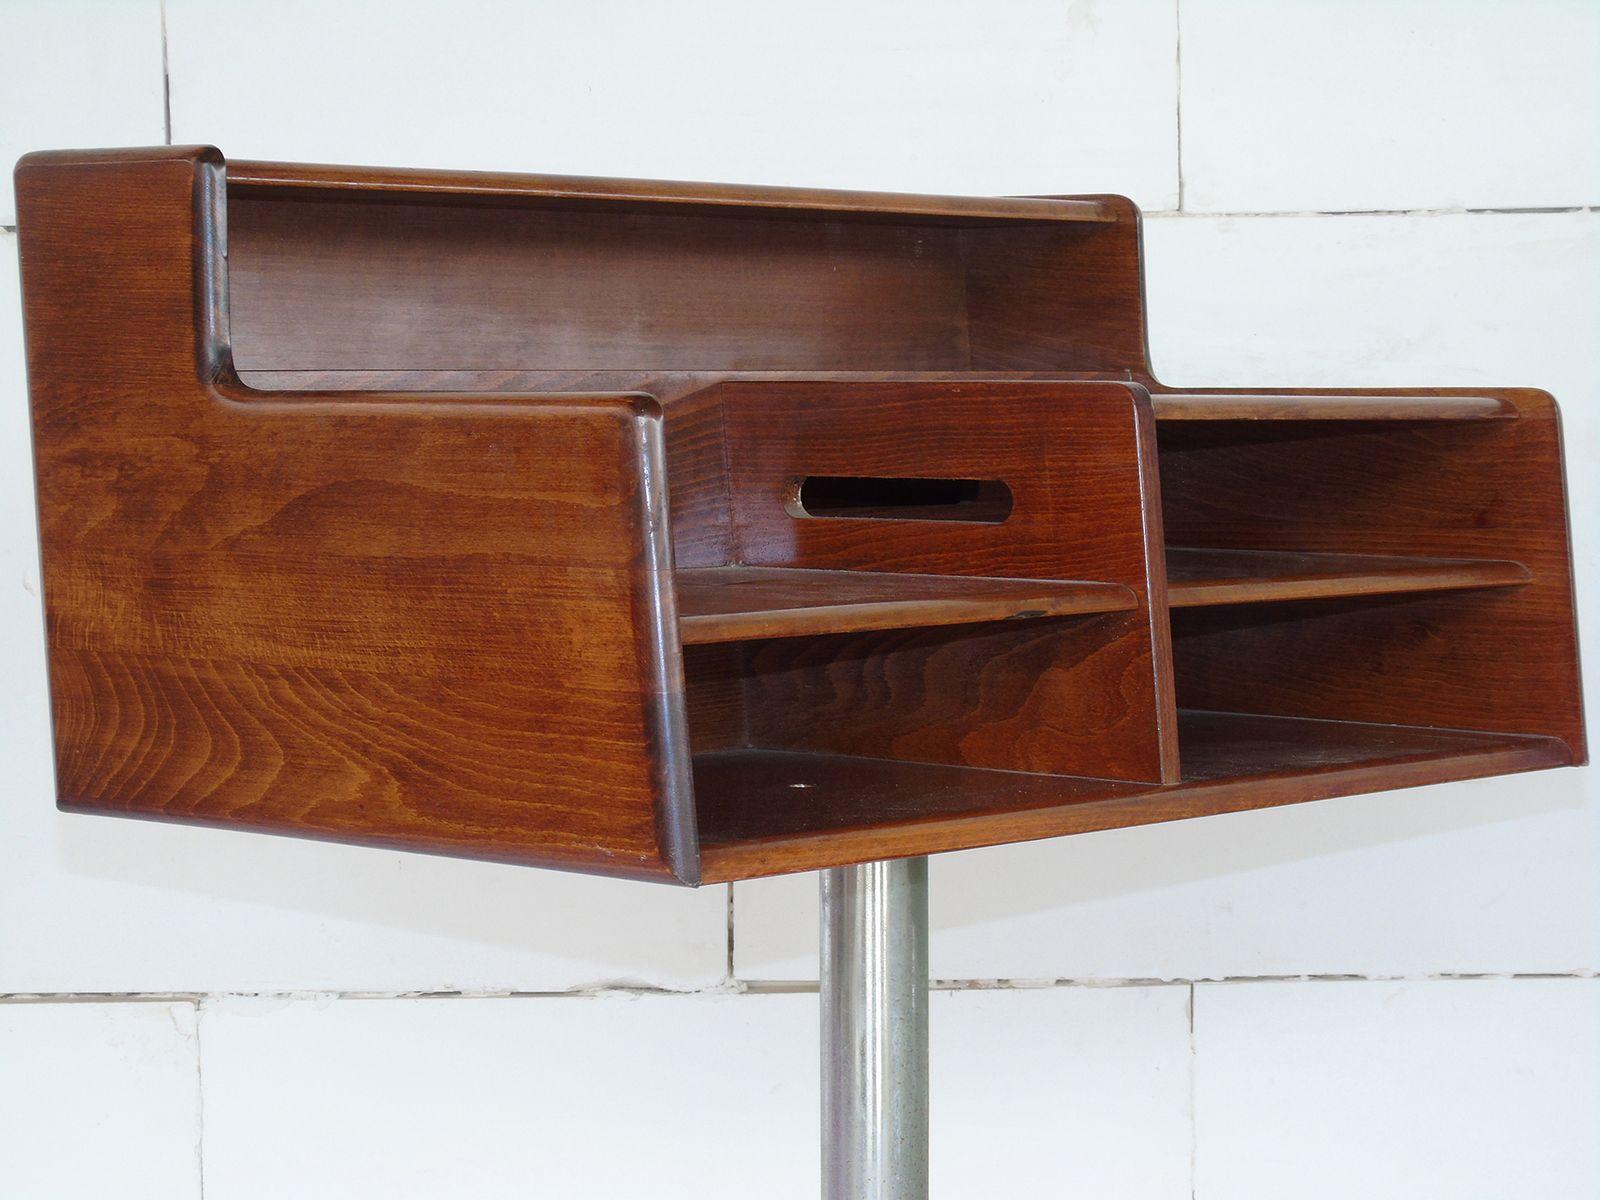 italienischer schreibtisch aus stahl holz von fimsa. Black Bedroom Furniture Sets. Home Design Ideas